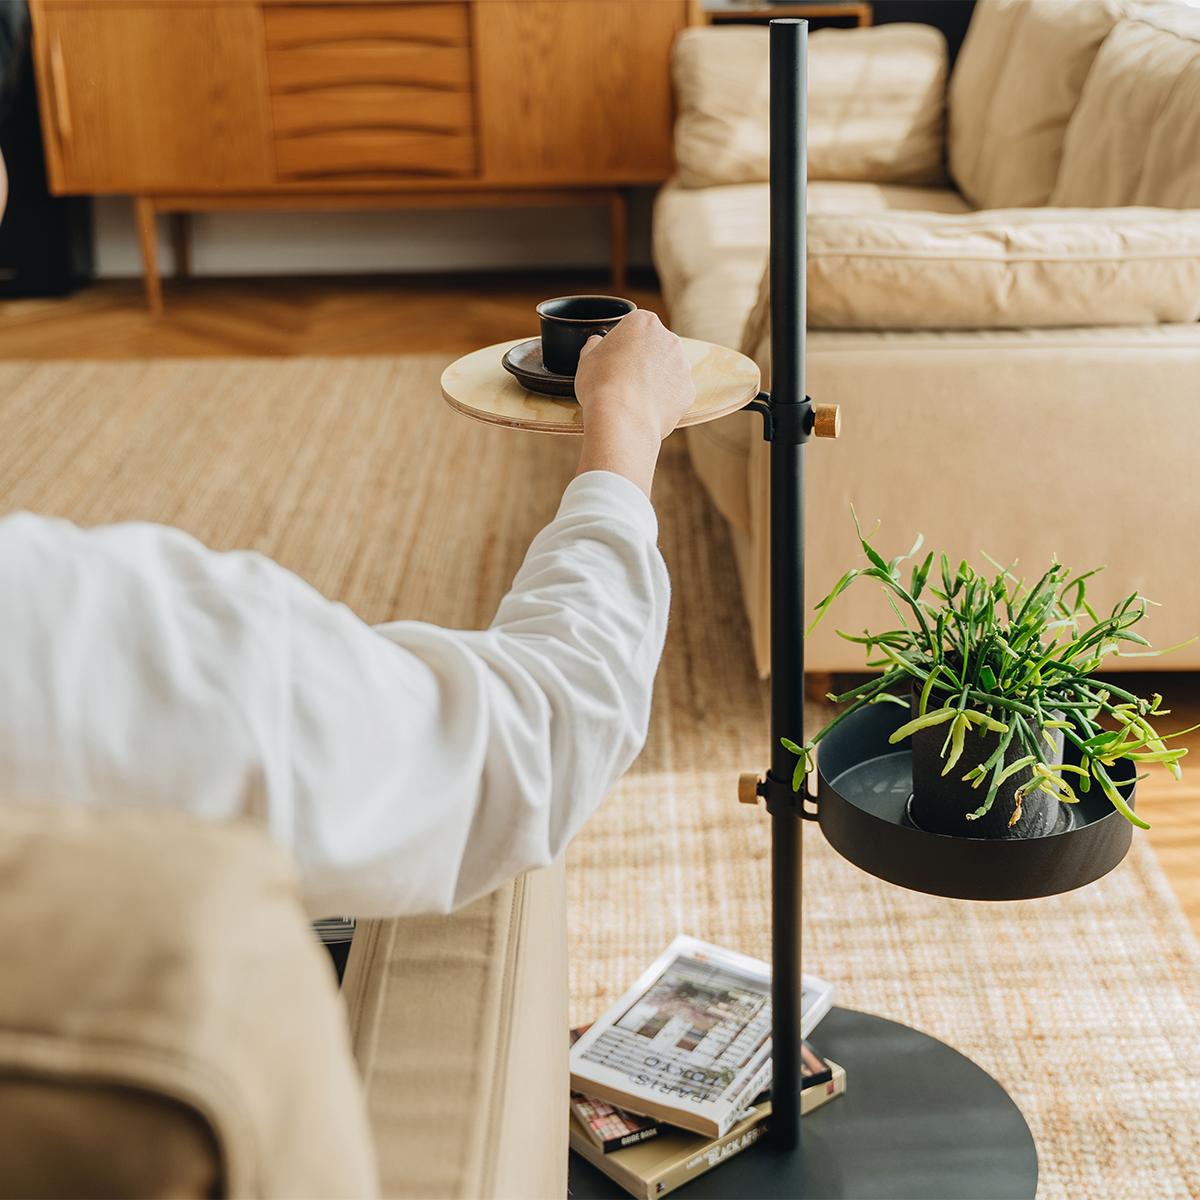 『Move Rod』に好みのアイテムを足して、あなたの思いどおりの収納システムをつくってください。キャスター台つきポール「Move Rod(ムーブロッド)」|DRAW A LINE(ドローアライン)